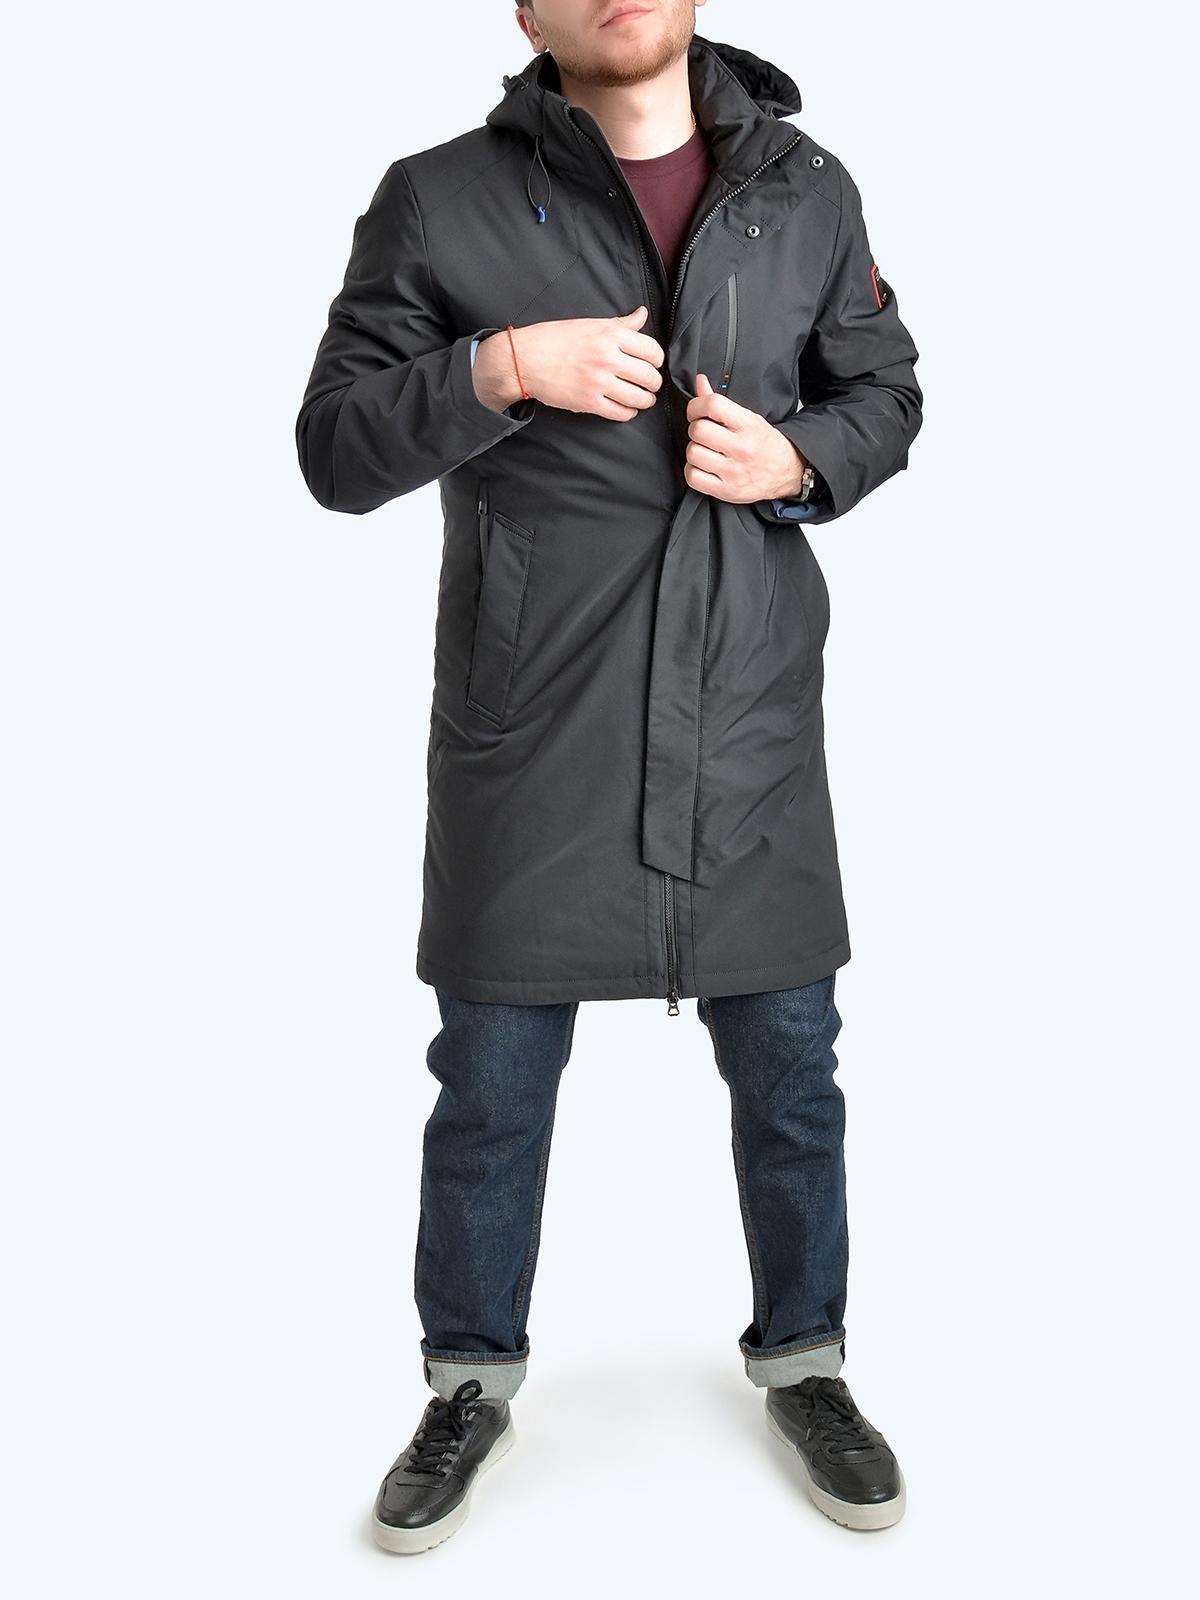 GRIZMAN Куртка 373086-025 Фото 4